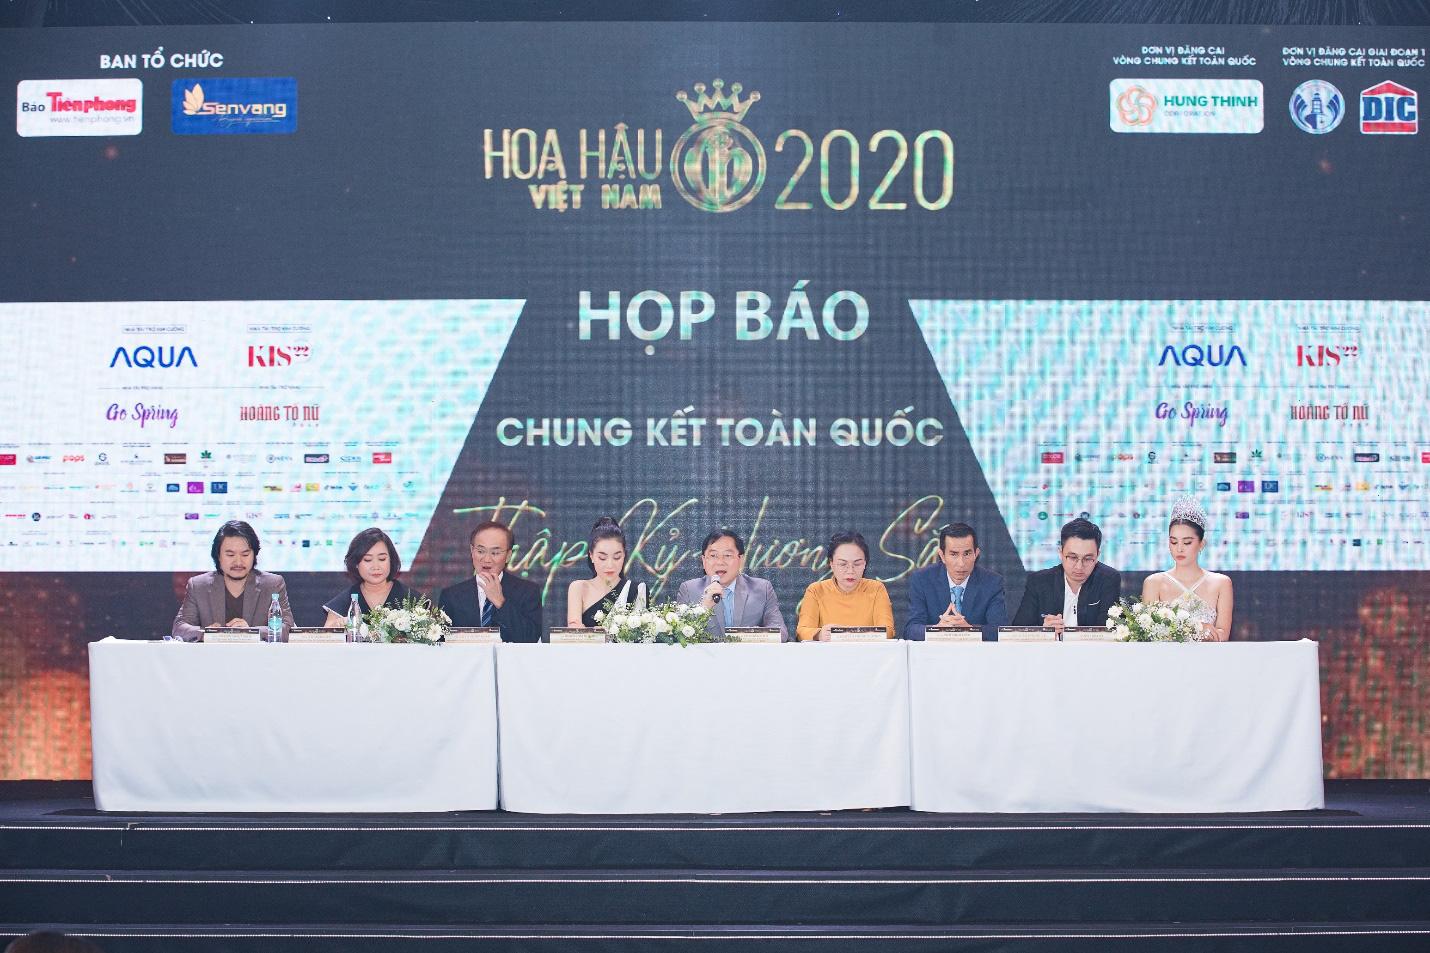 Mỹ phẩm Kis22 đồng hành cùng Hoa hậu Việt Nam 2020 trong buổi Họp báo Chung kết toàn quốc - Ảnh 1.